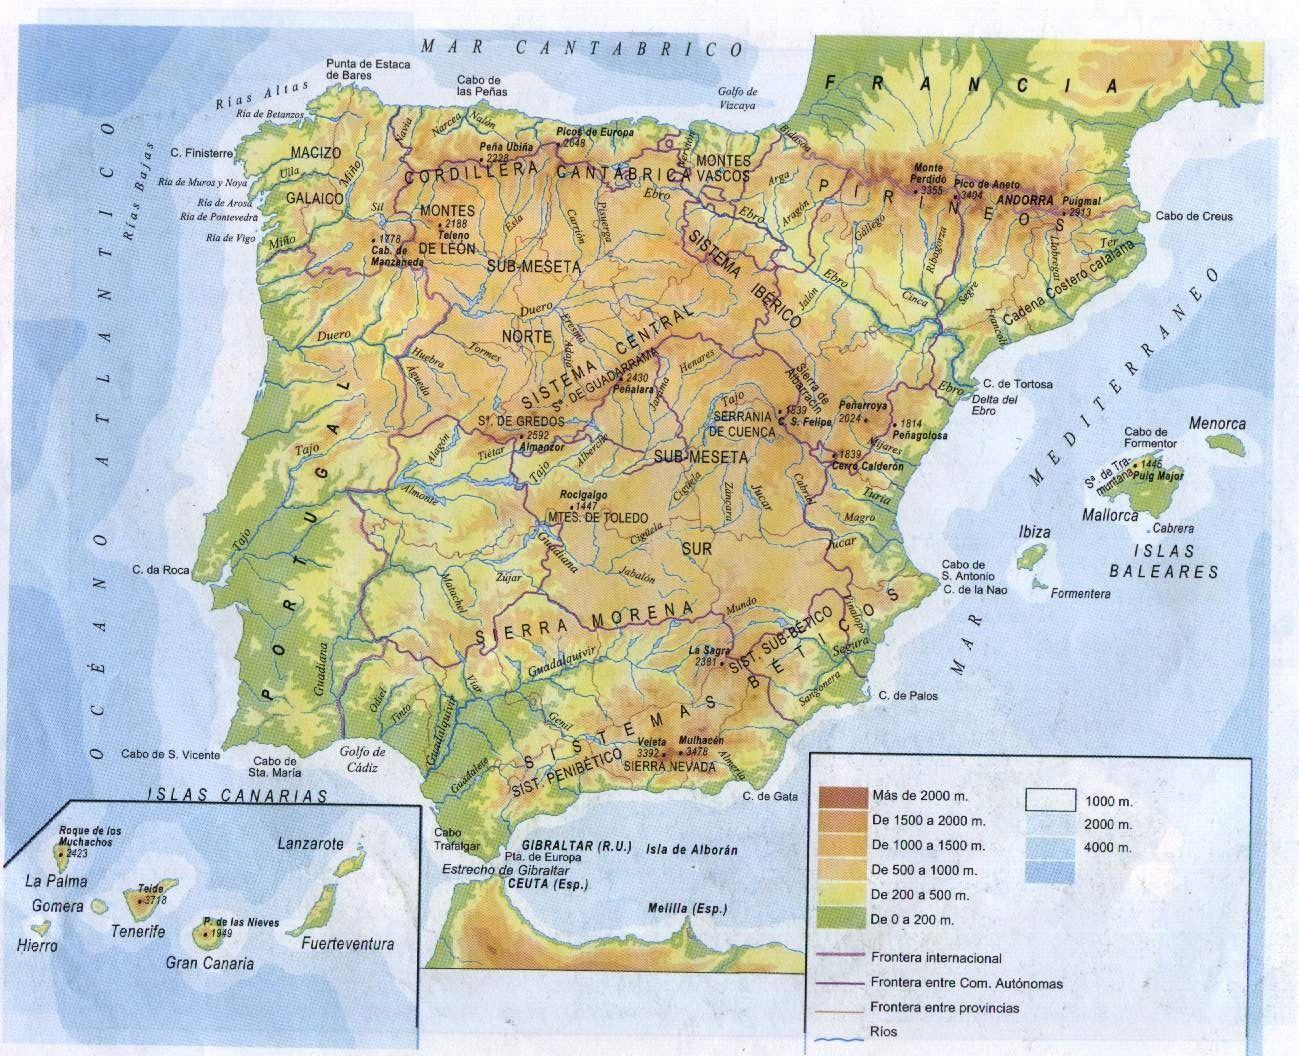 Mapa Relieve De España Para Niños.Blog De Los Ninos Mapas De Espana Y Del Mundo Para Ninos